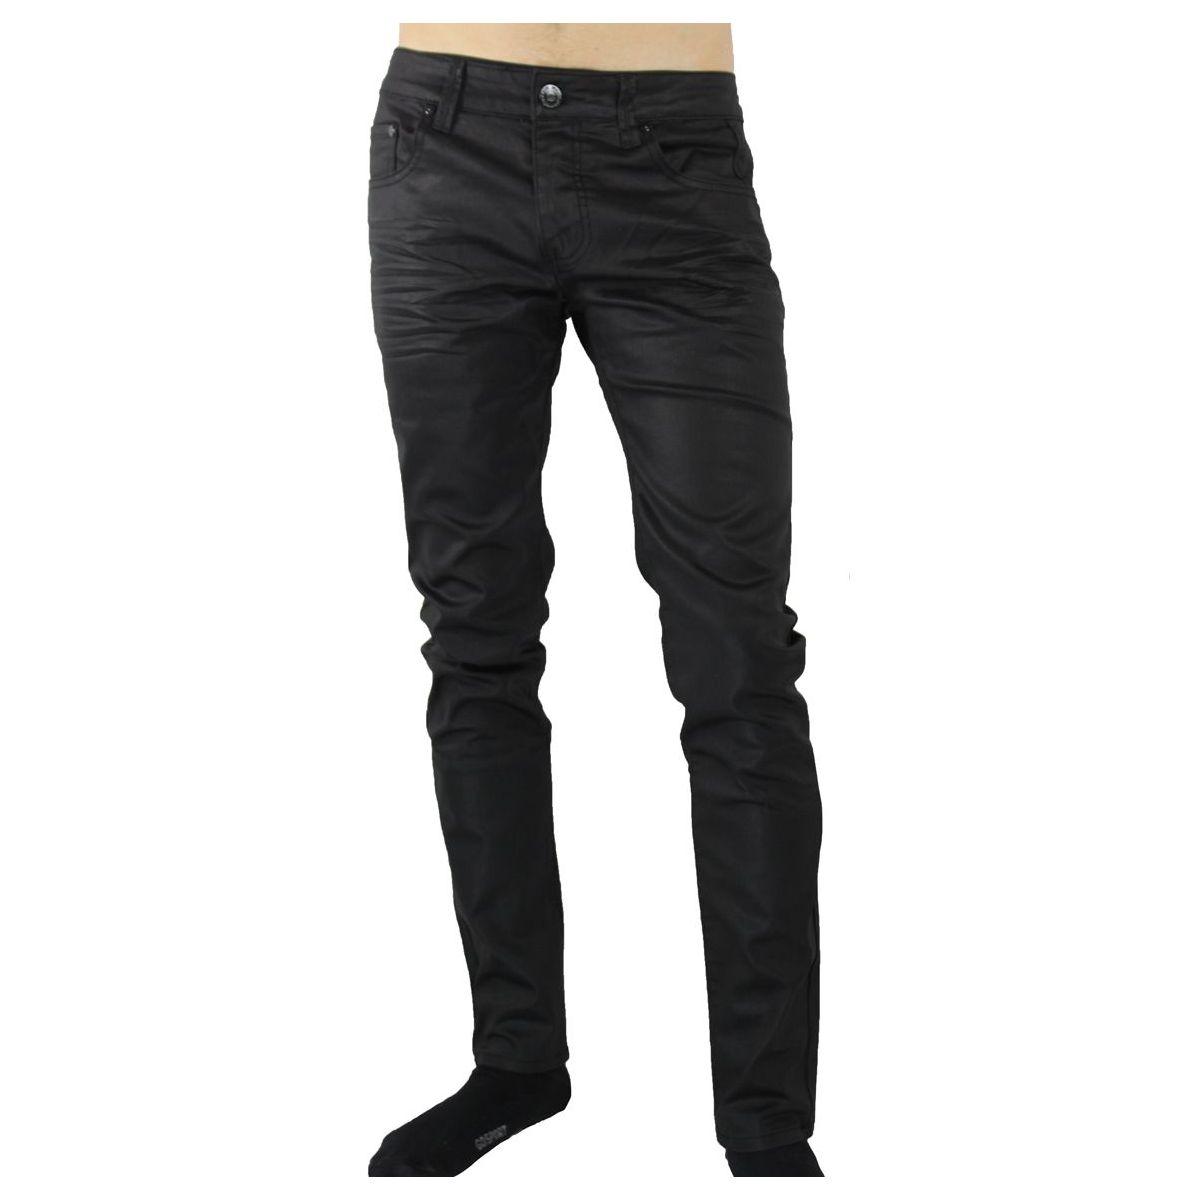 jeans noir huil. Black Bedroom Furniture Sets. Home Design Ideas